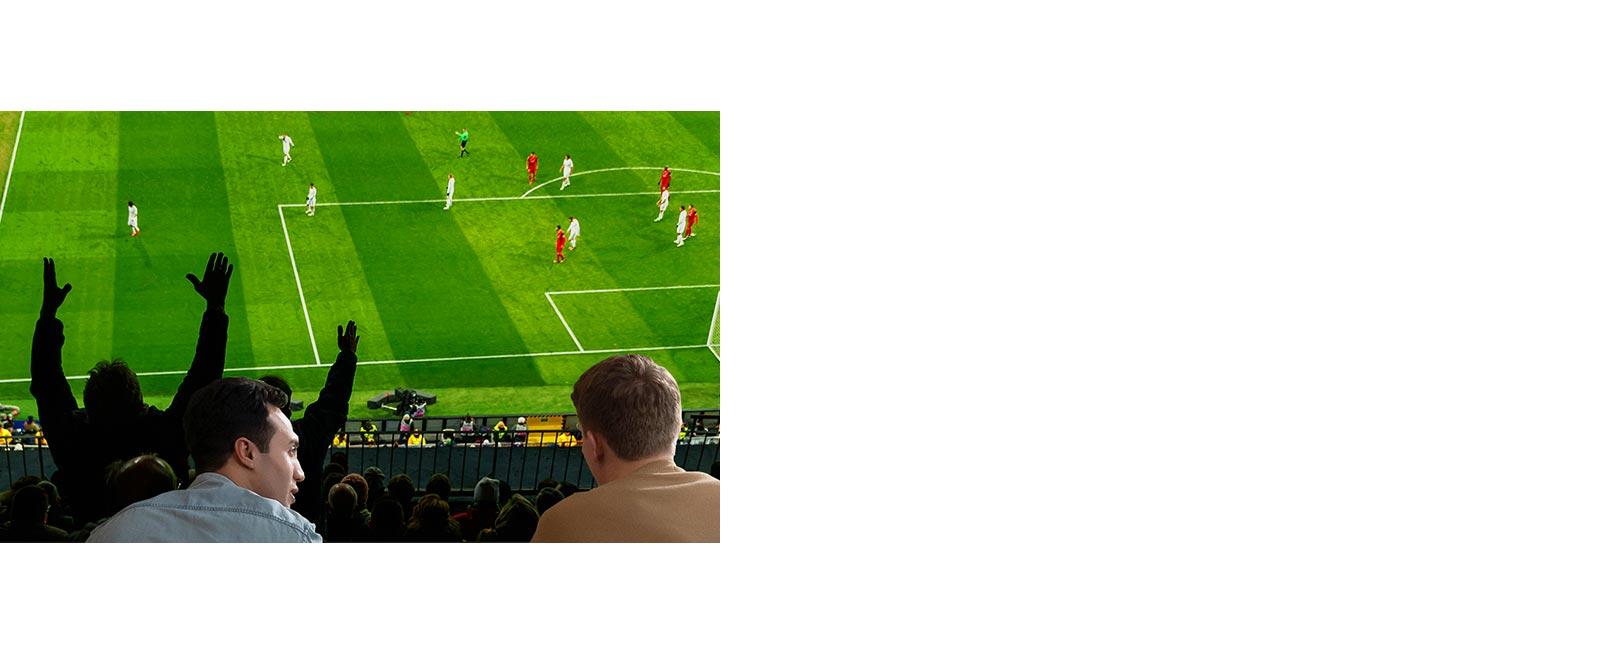 Oturma odasında ultra geniş ekranlı televizyonda maç izleyen insanlar